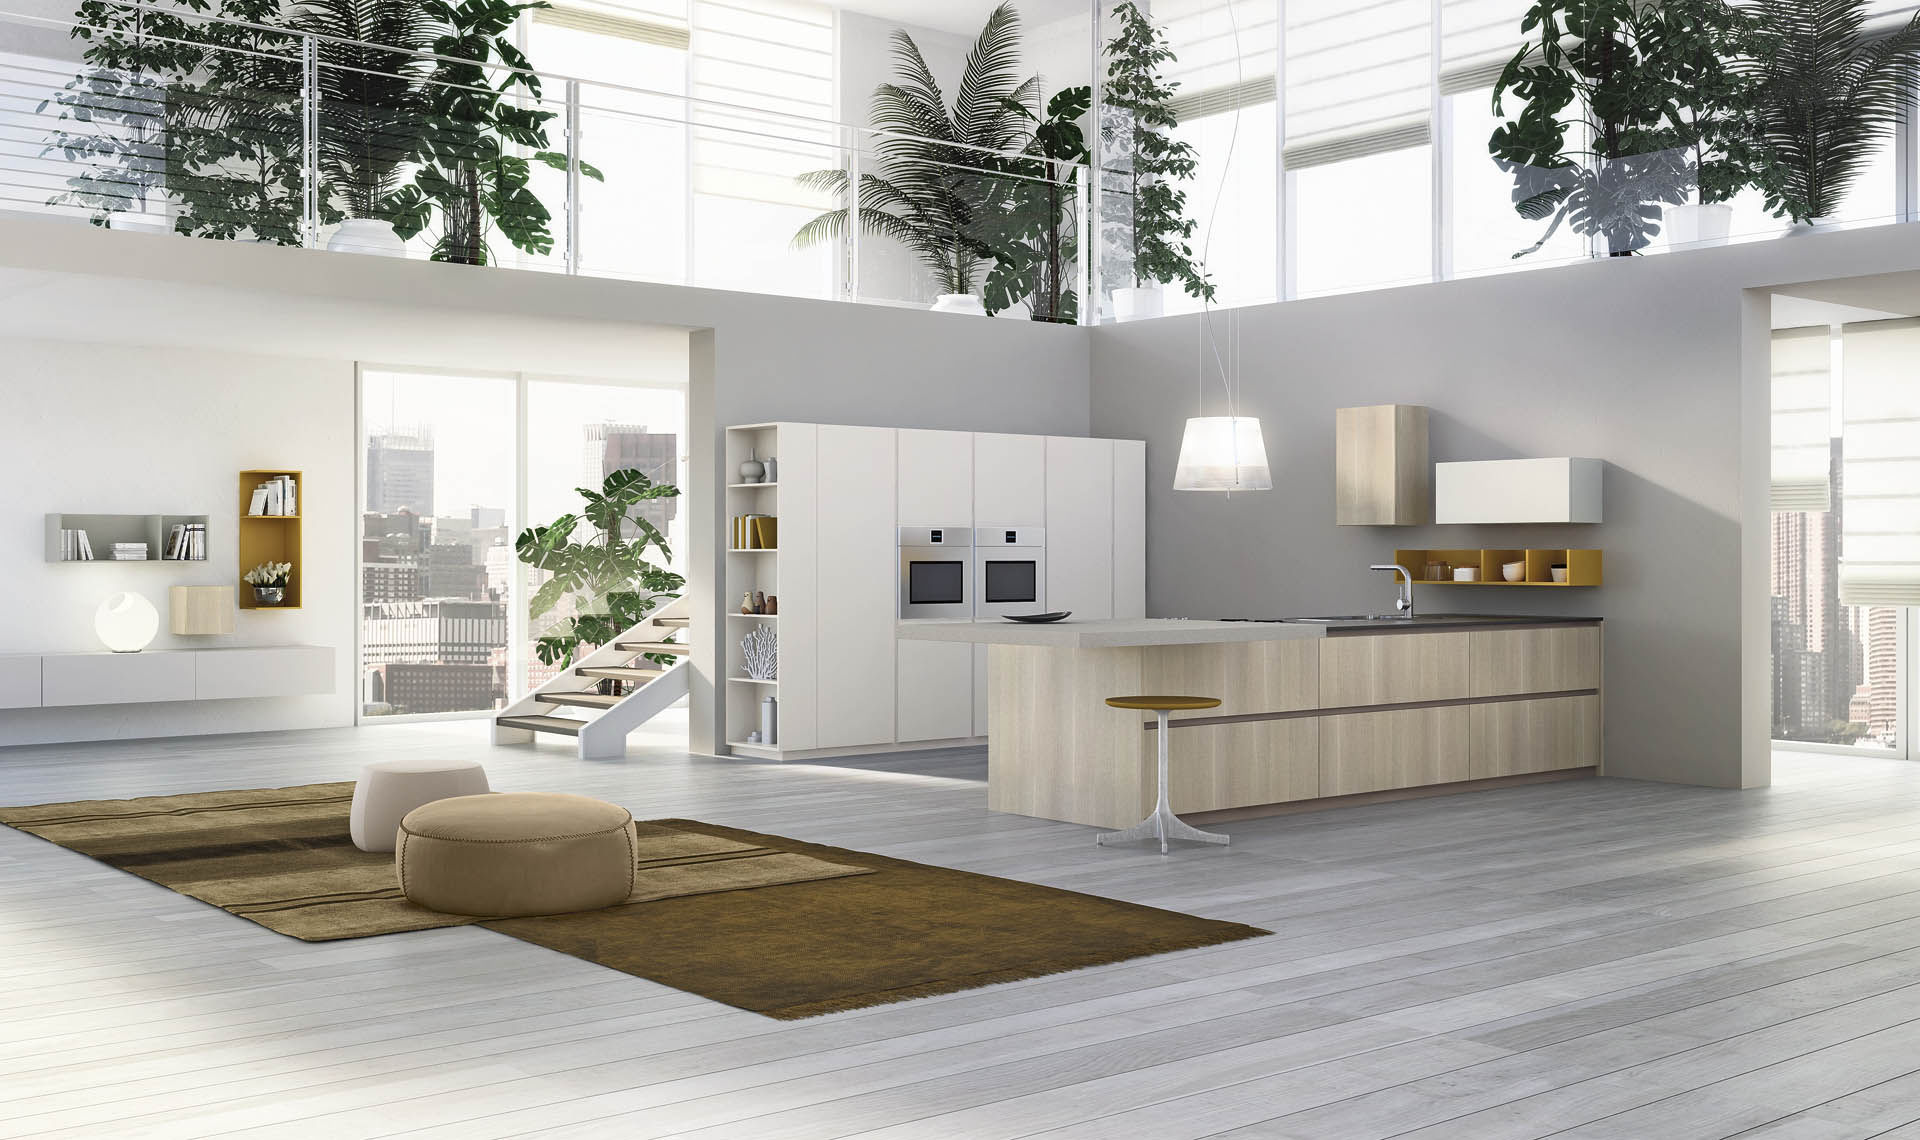 contemporary kitchen laminate wooden island grafica valdesign cucine